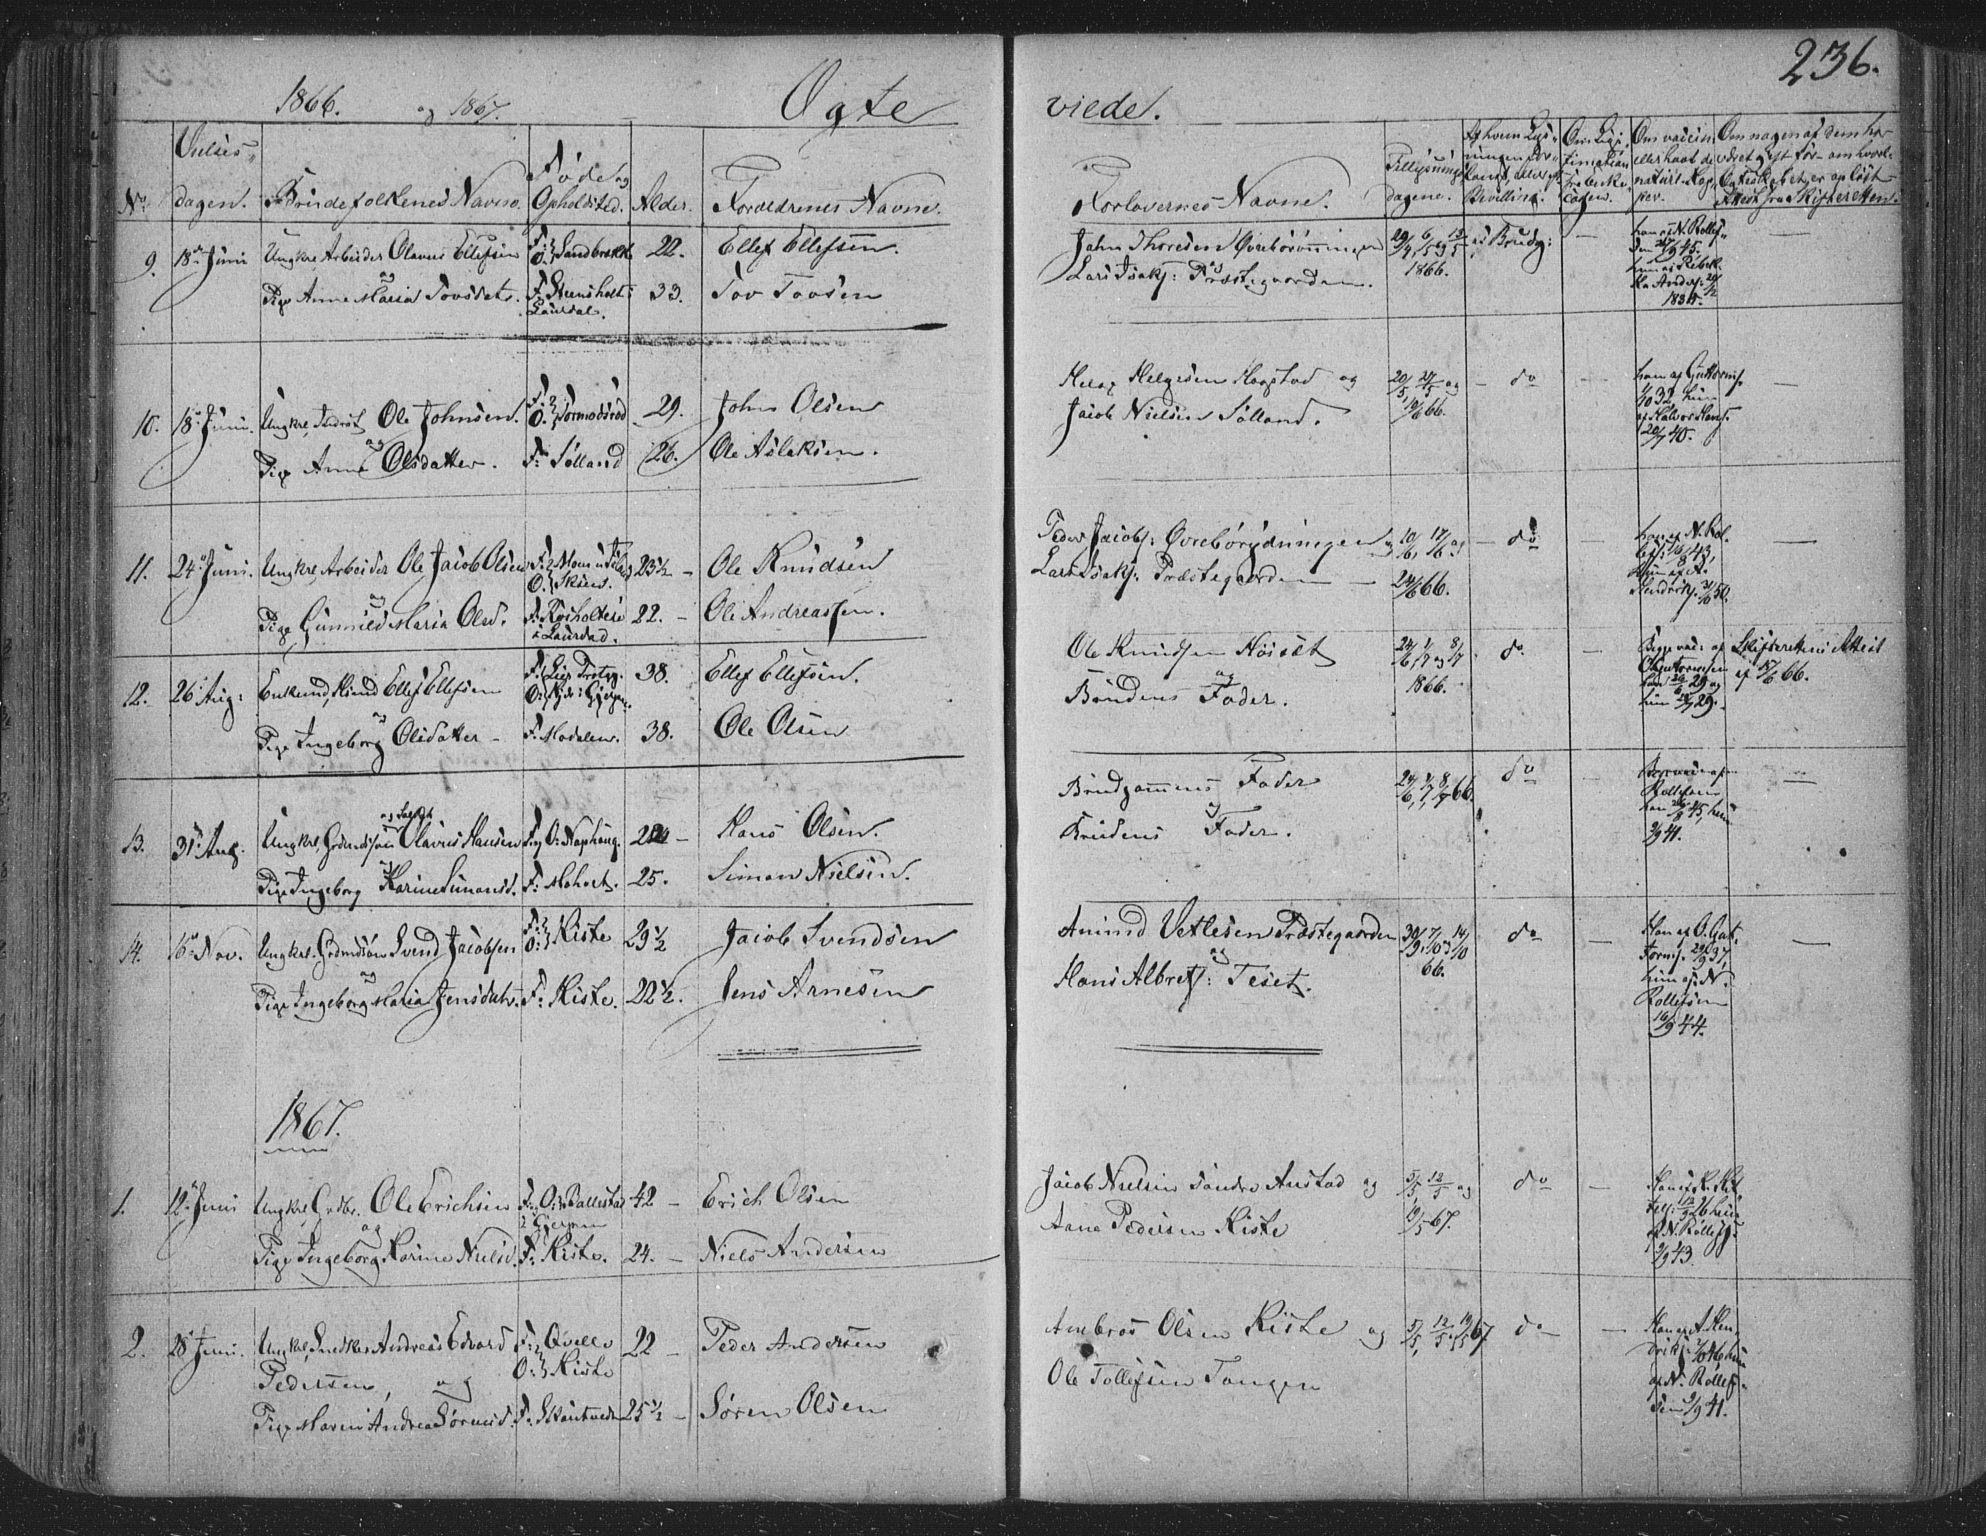 SAKO, Siljan kirkebøker, F/Fa/L0001: Ministerialbok nr. 1, 1831-1870, s. 236